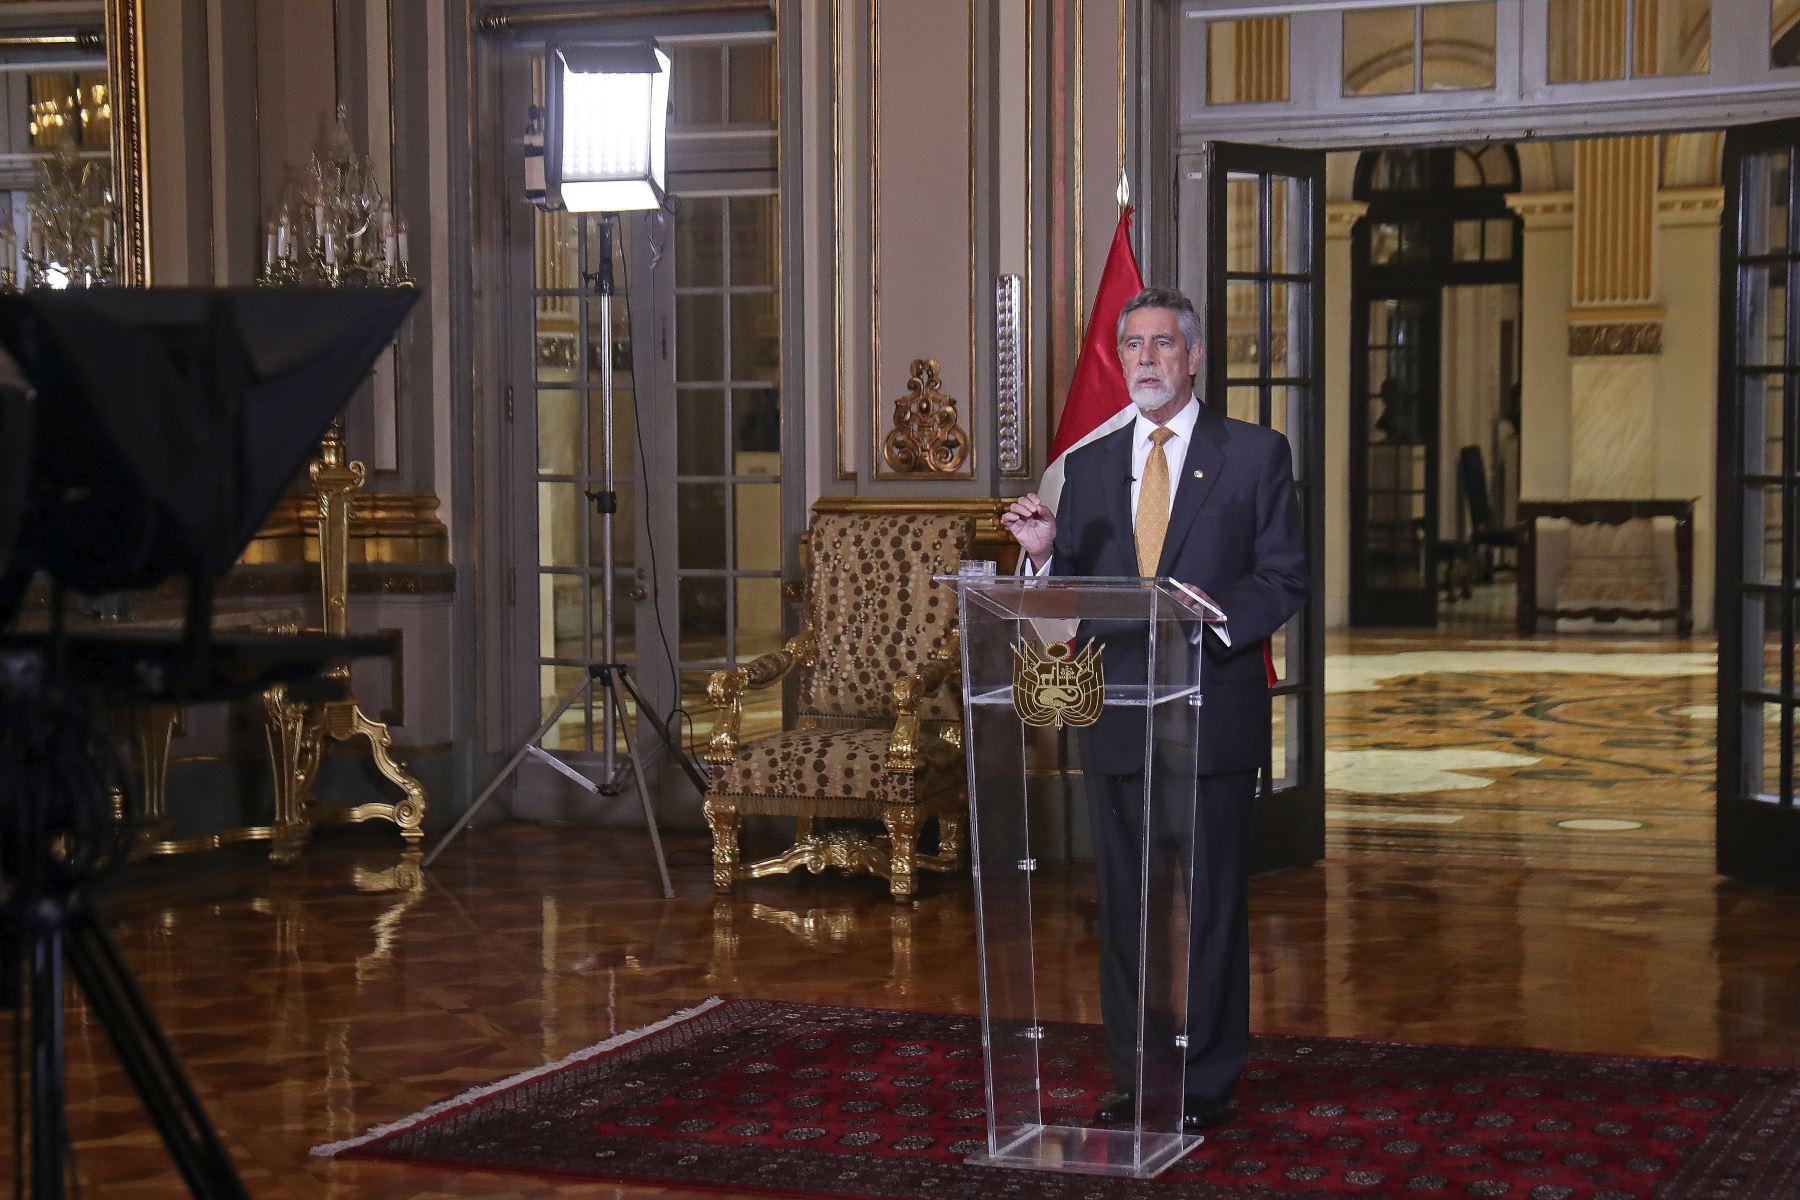 El presidente de la República, Francisco Sagasti, brinda mensaje a la Nación. Foto: ANDINA/Prensa Presidencia